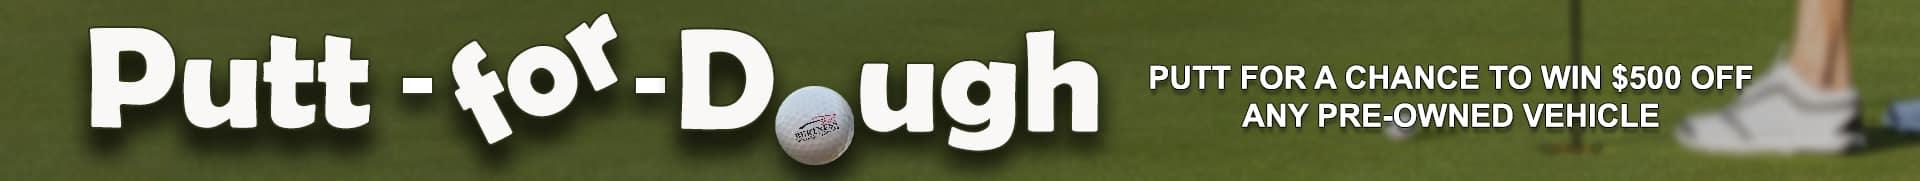 Putt_for_dough_Banner